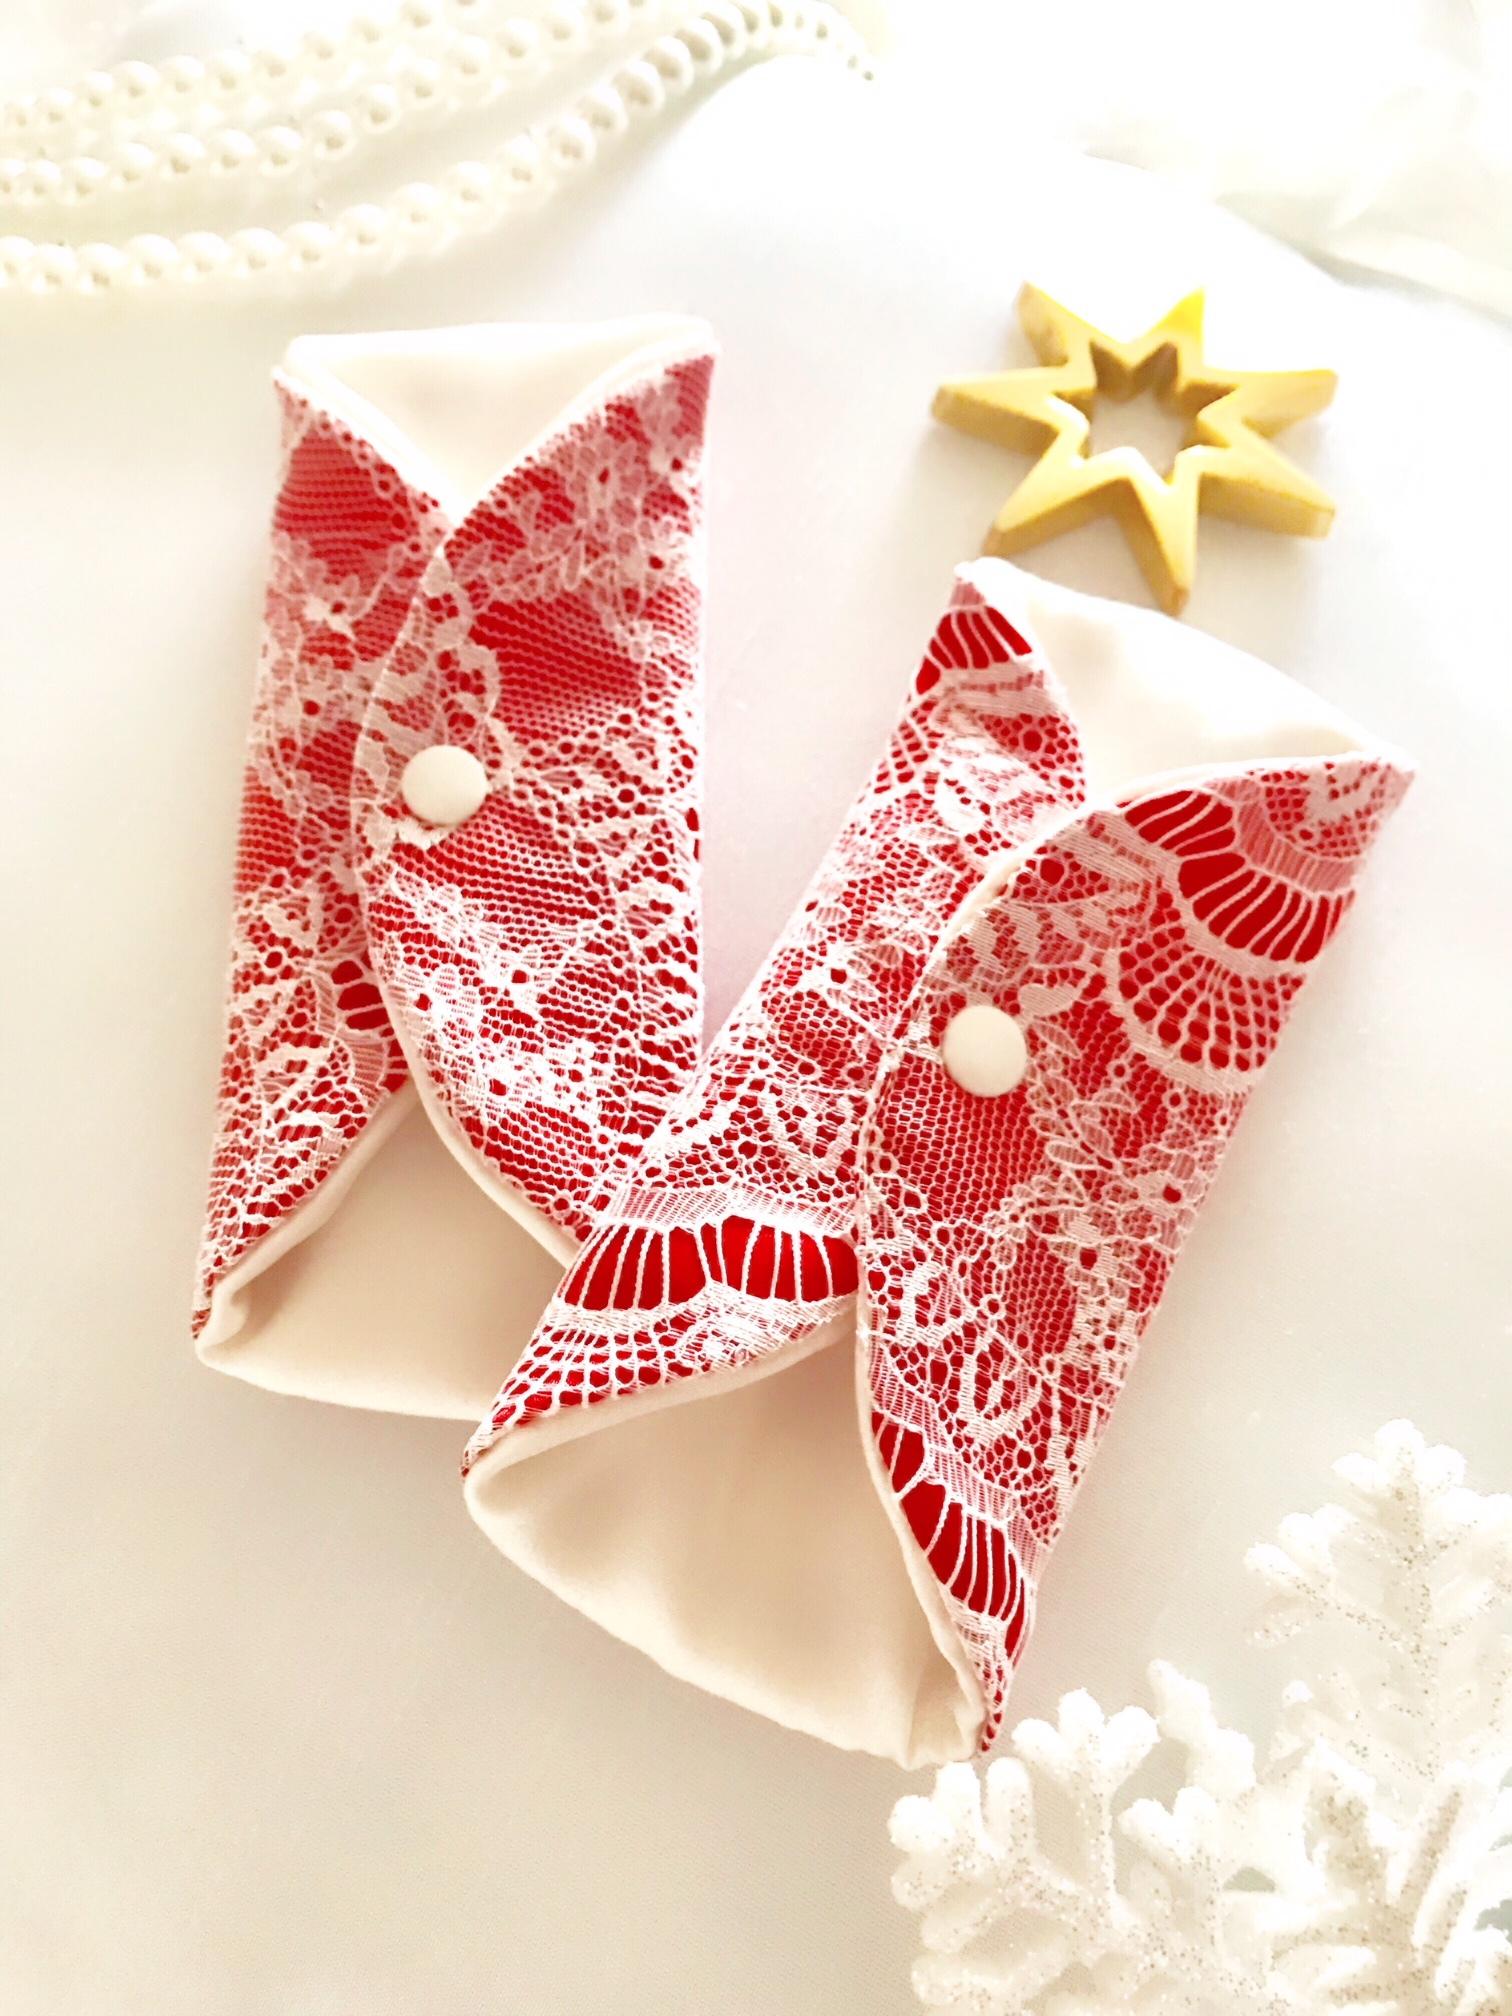 クリスマス限定商品★FUNTYライナー1個(red)